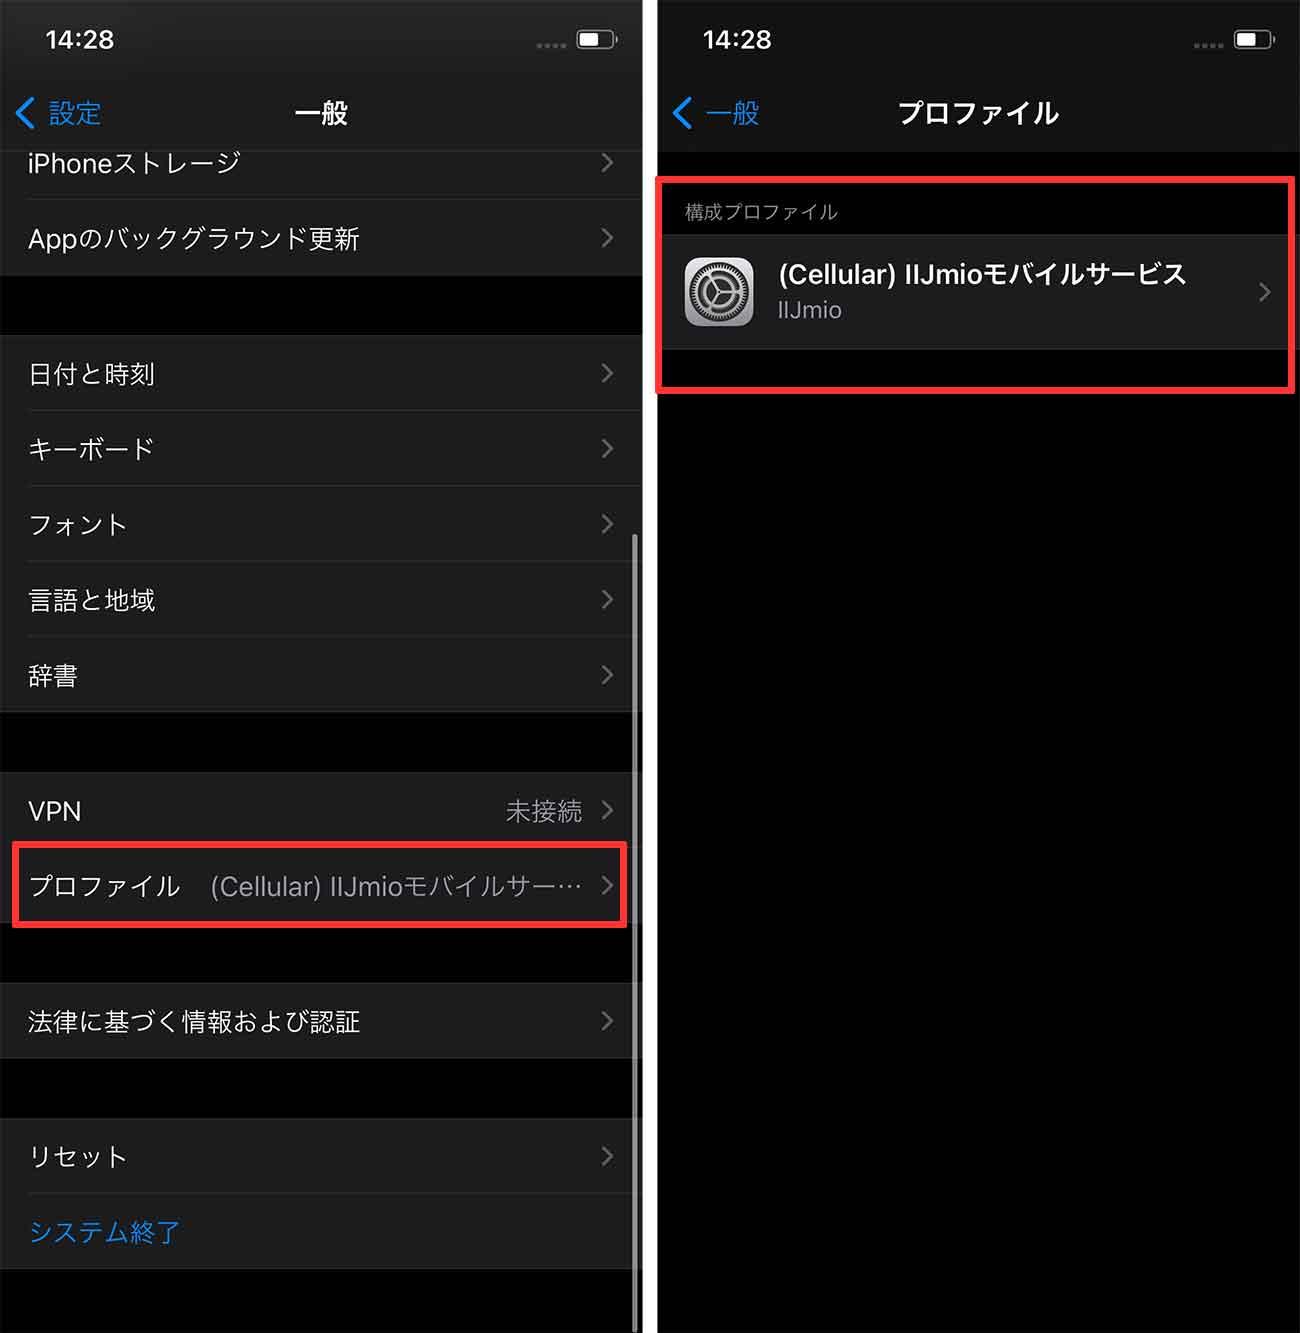 iPhoneのプロファイル設定画面